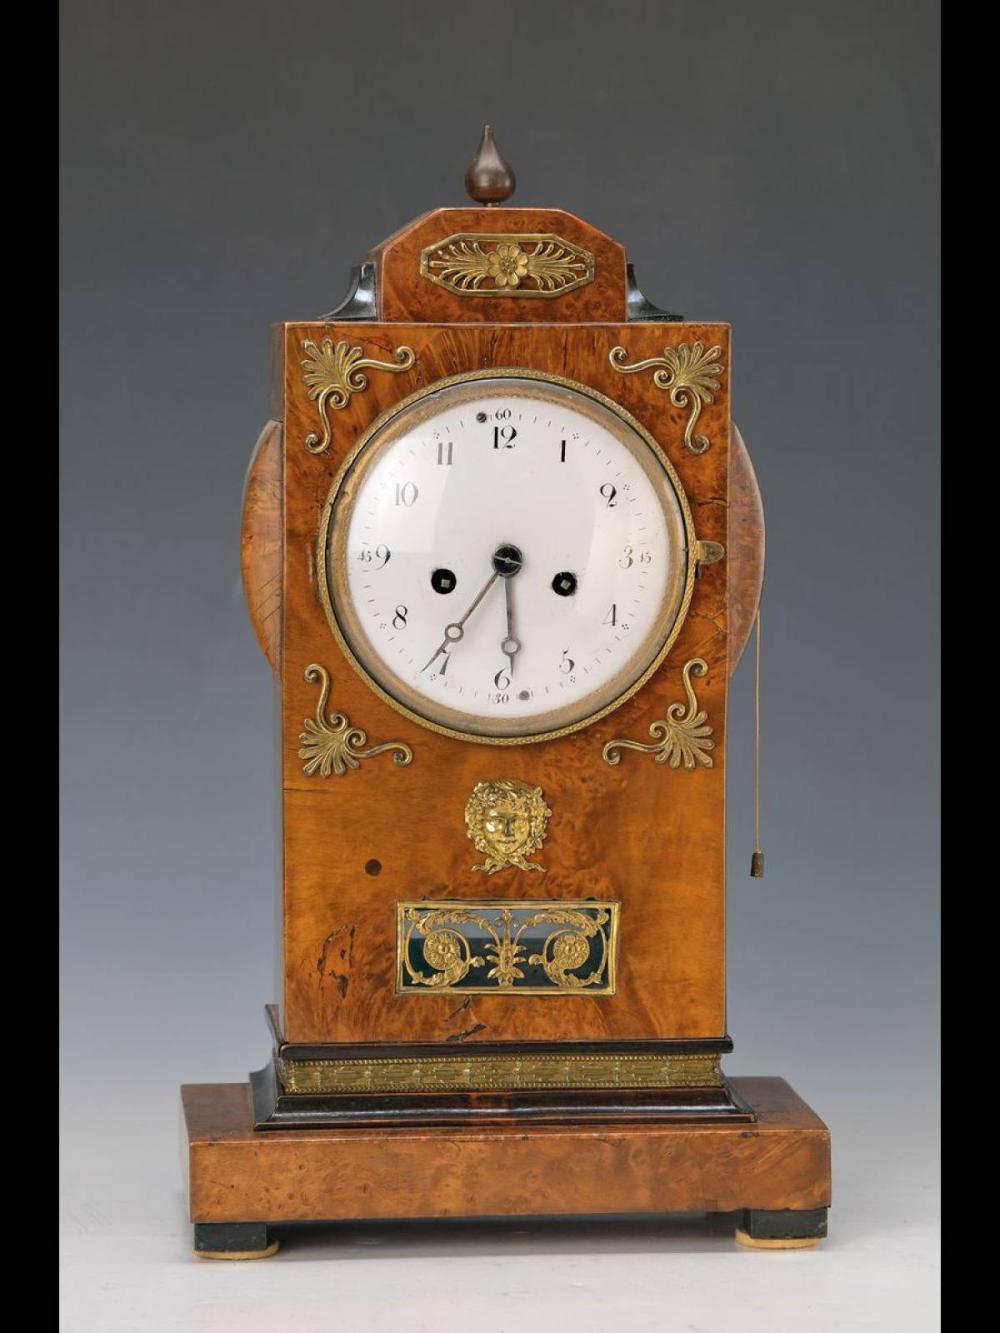 Table Clock Biedermeier German Around 1830 In 2020 Table Clock Clock Biedermeier Furniture